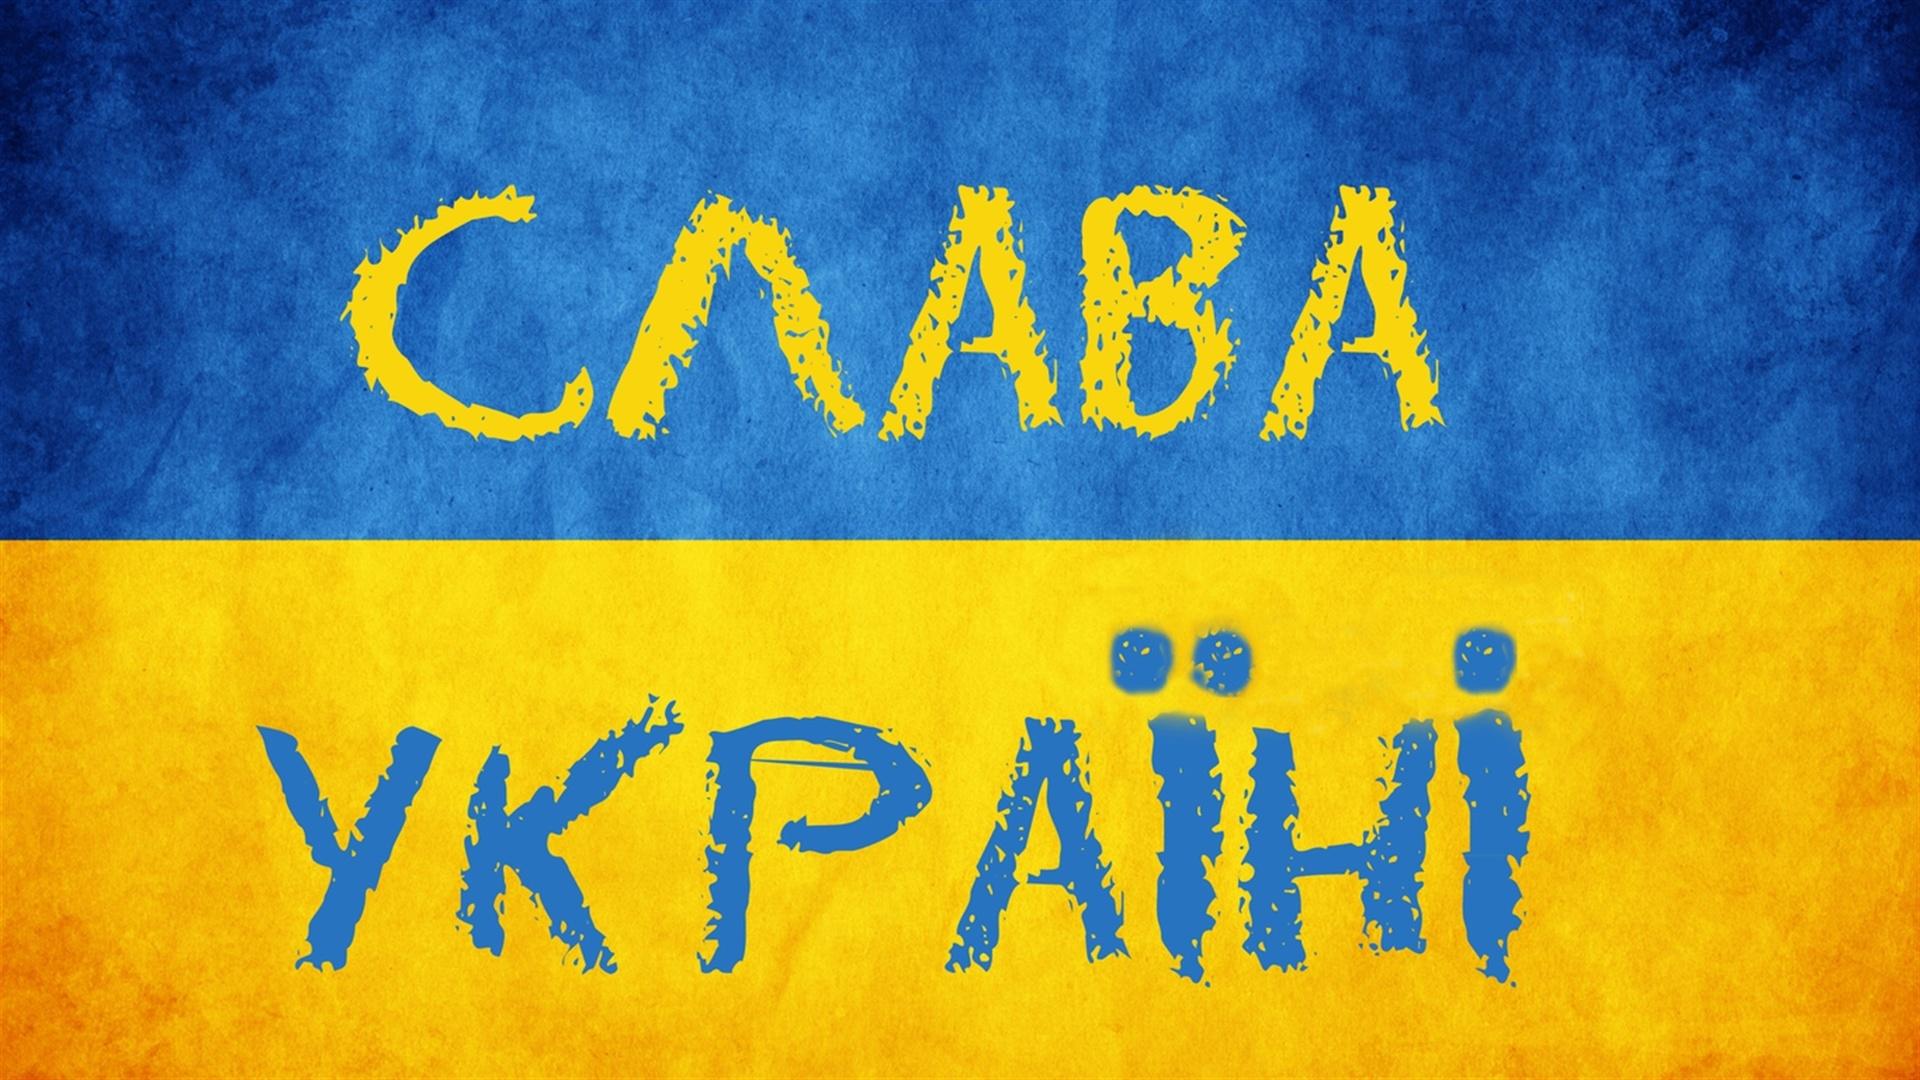 Картинки с флагом украины и с надписями украина, днем